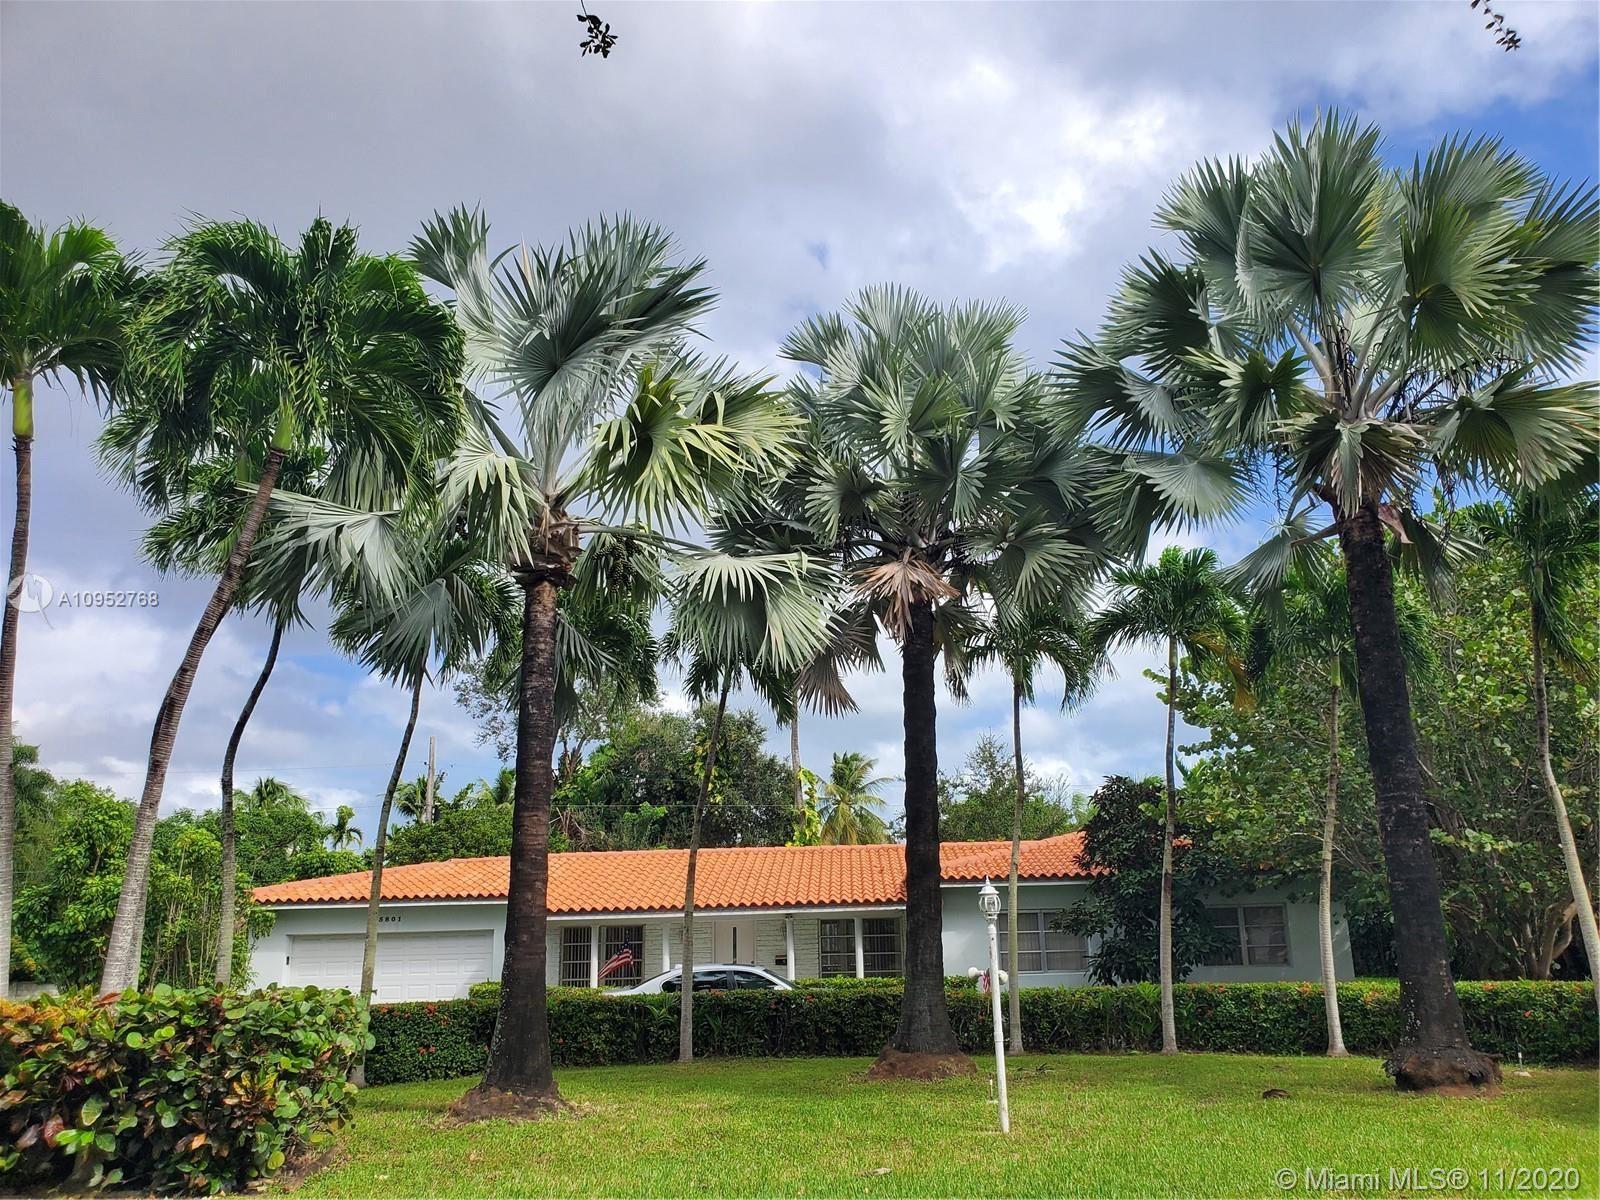 5801 Maynada St, Coral Gables, FL 33146 - #: A10952768